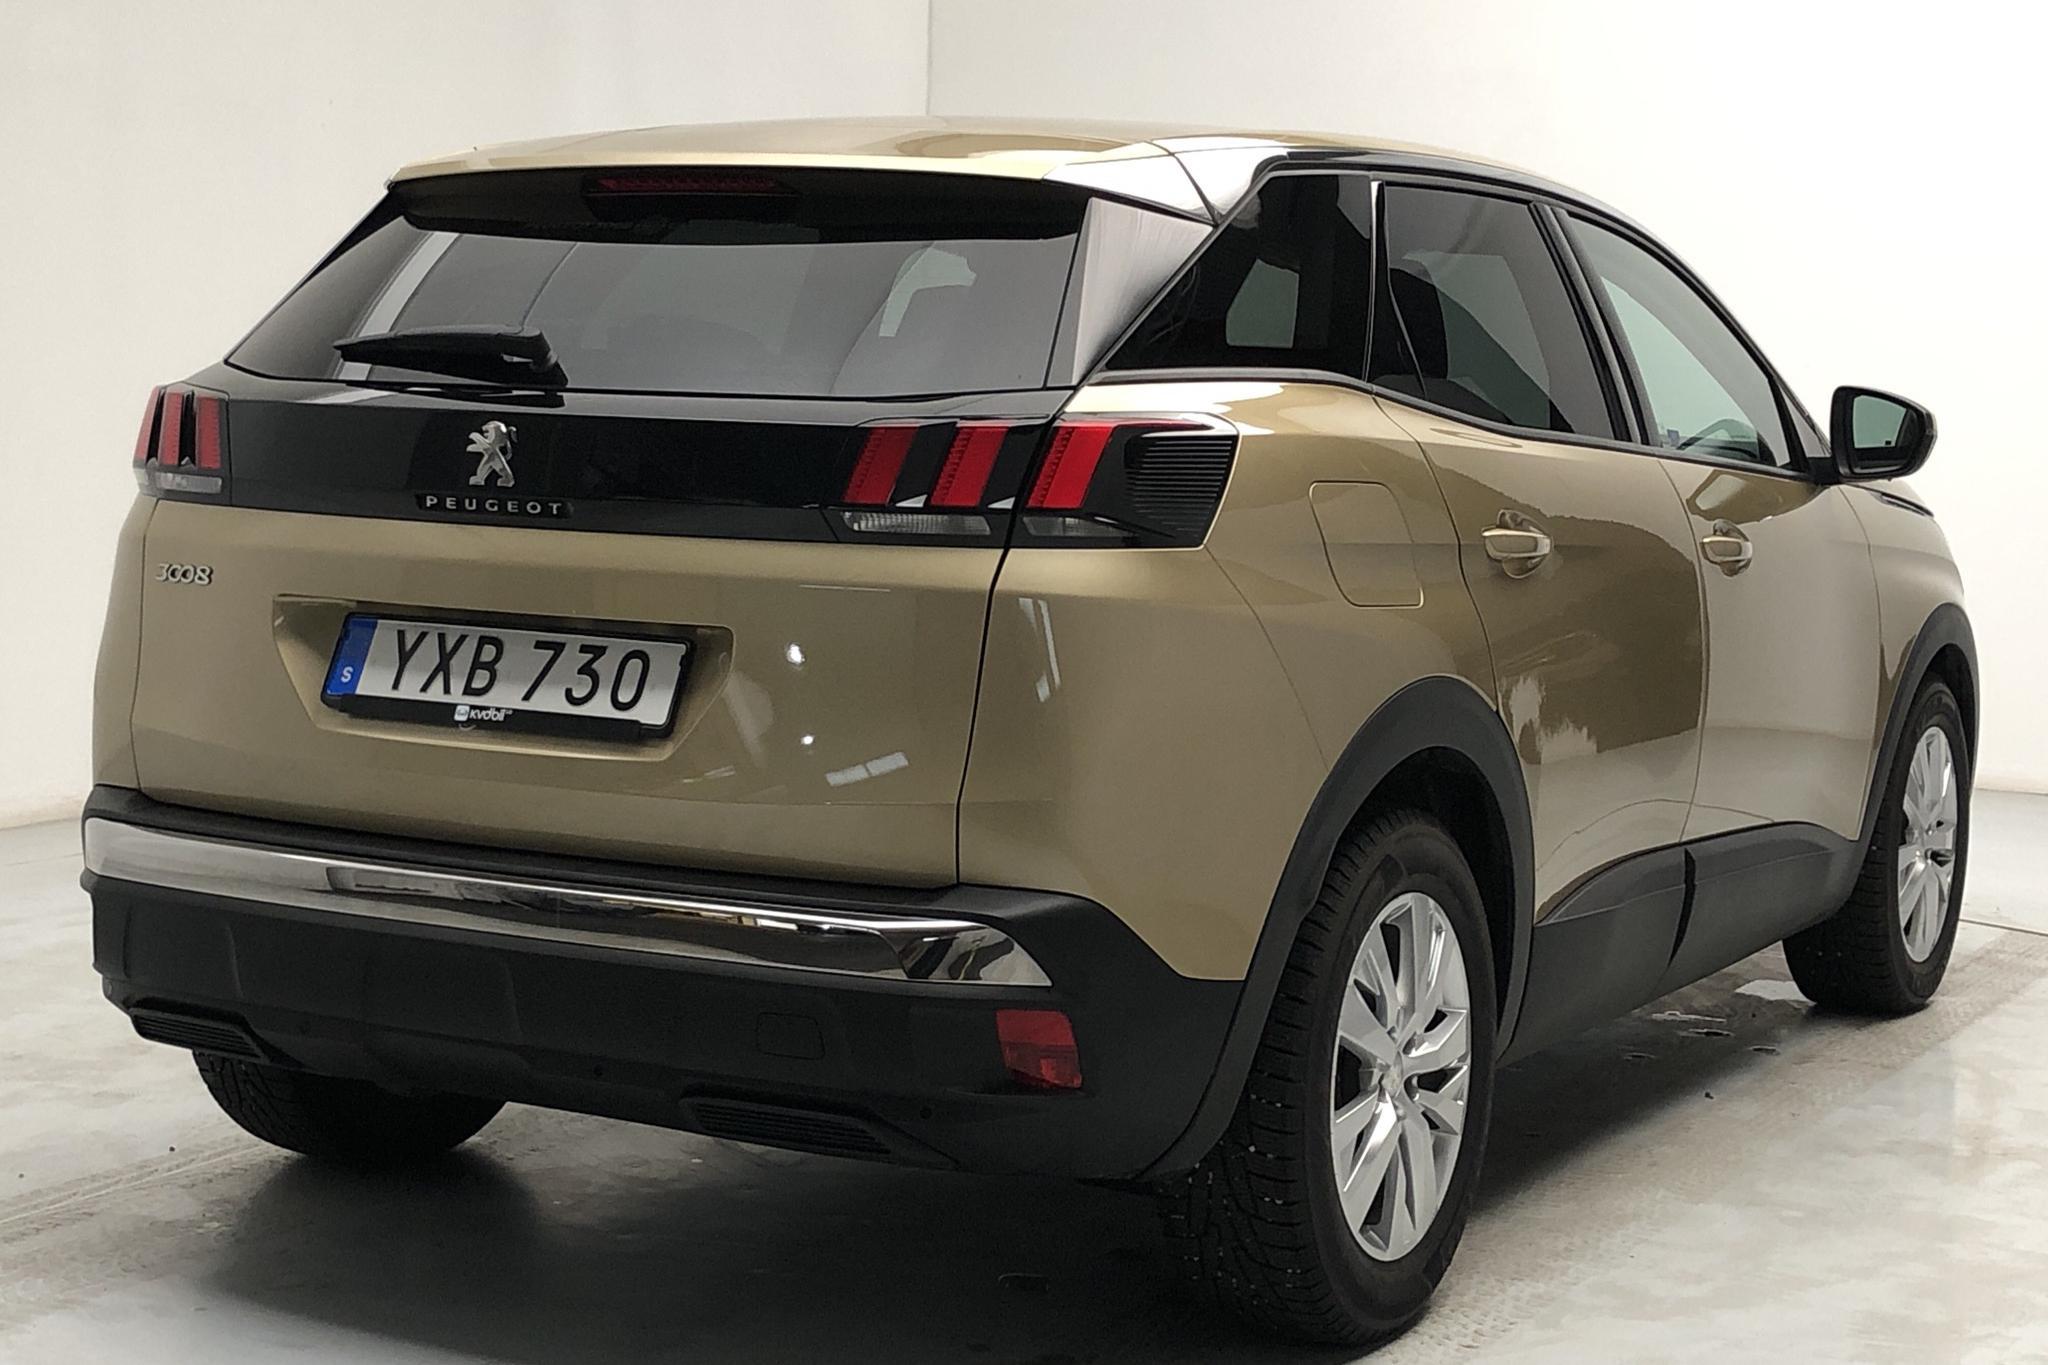 Peugeot 3008 1.2 PureTech (130hk) - 31 410 km - Automatic - 2018